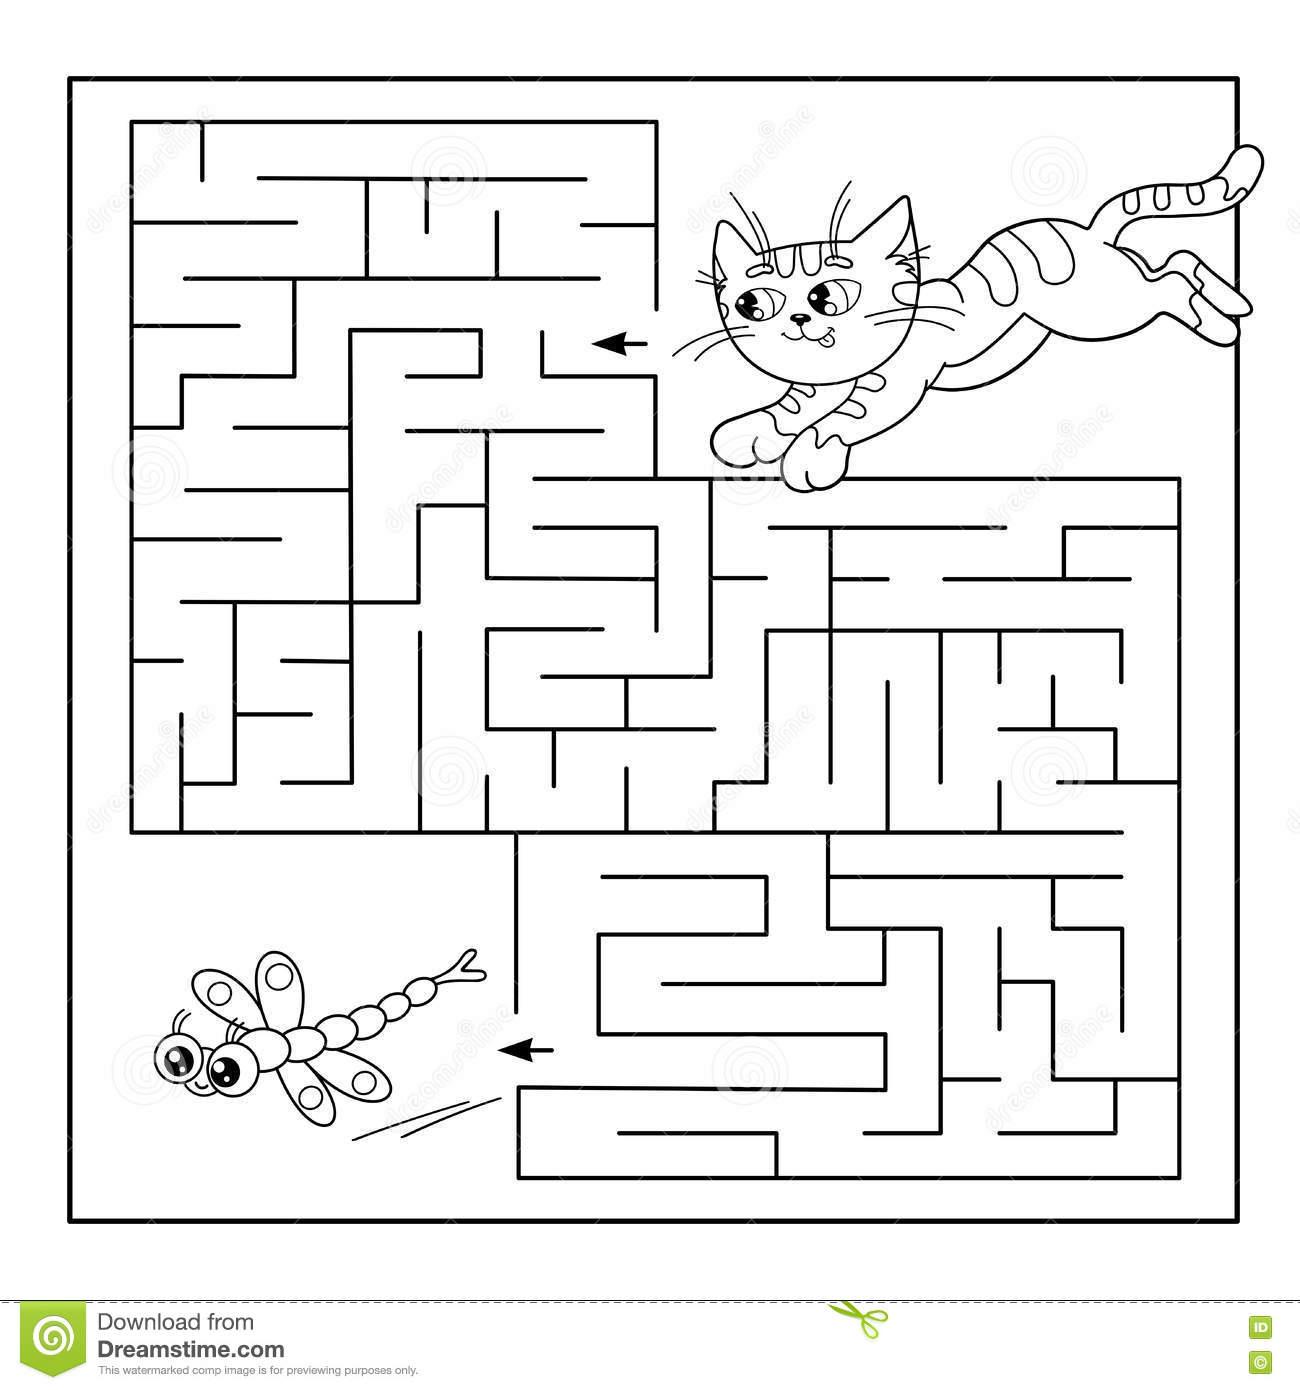 Bildungs-Labyrinth Oder Labyrinth-Spiel Für Vorschulkinder bei Labyrinth Spiele Kostenlos